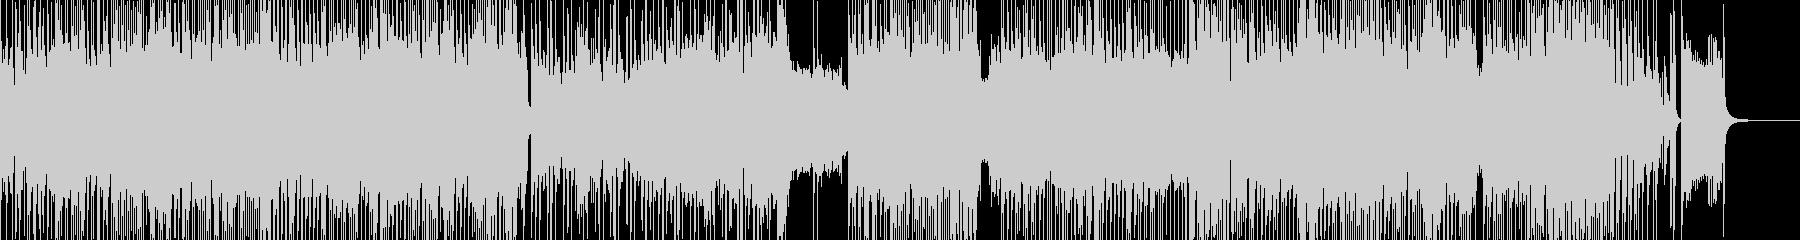 スタートダッシュシンセ・ハロウィンロックの未再生の波形